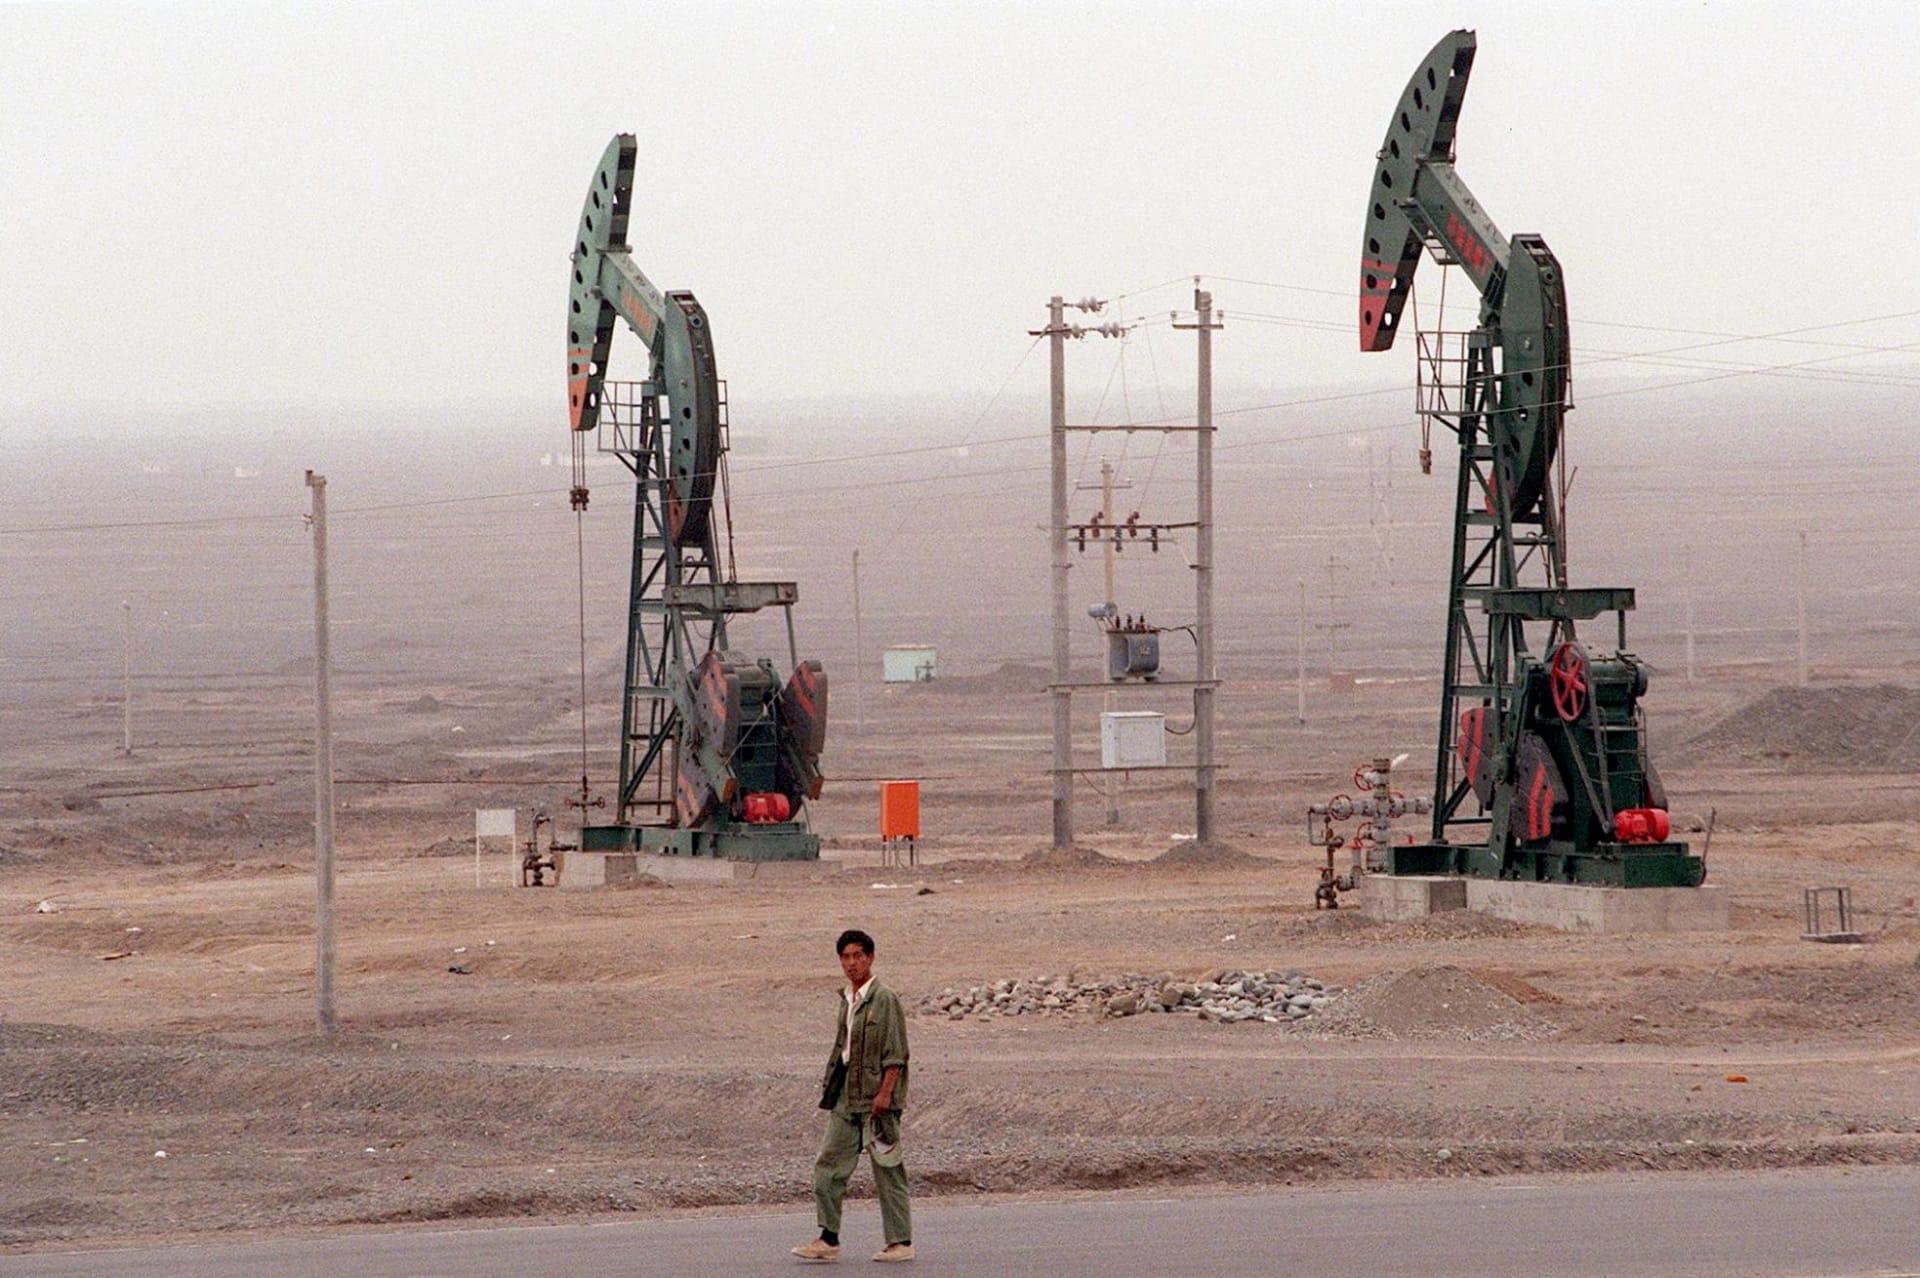 شركة صينية تكشف عن تكنولوجيا حديثه تؤخر شيخوخة حقول النفط